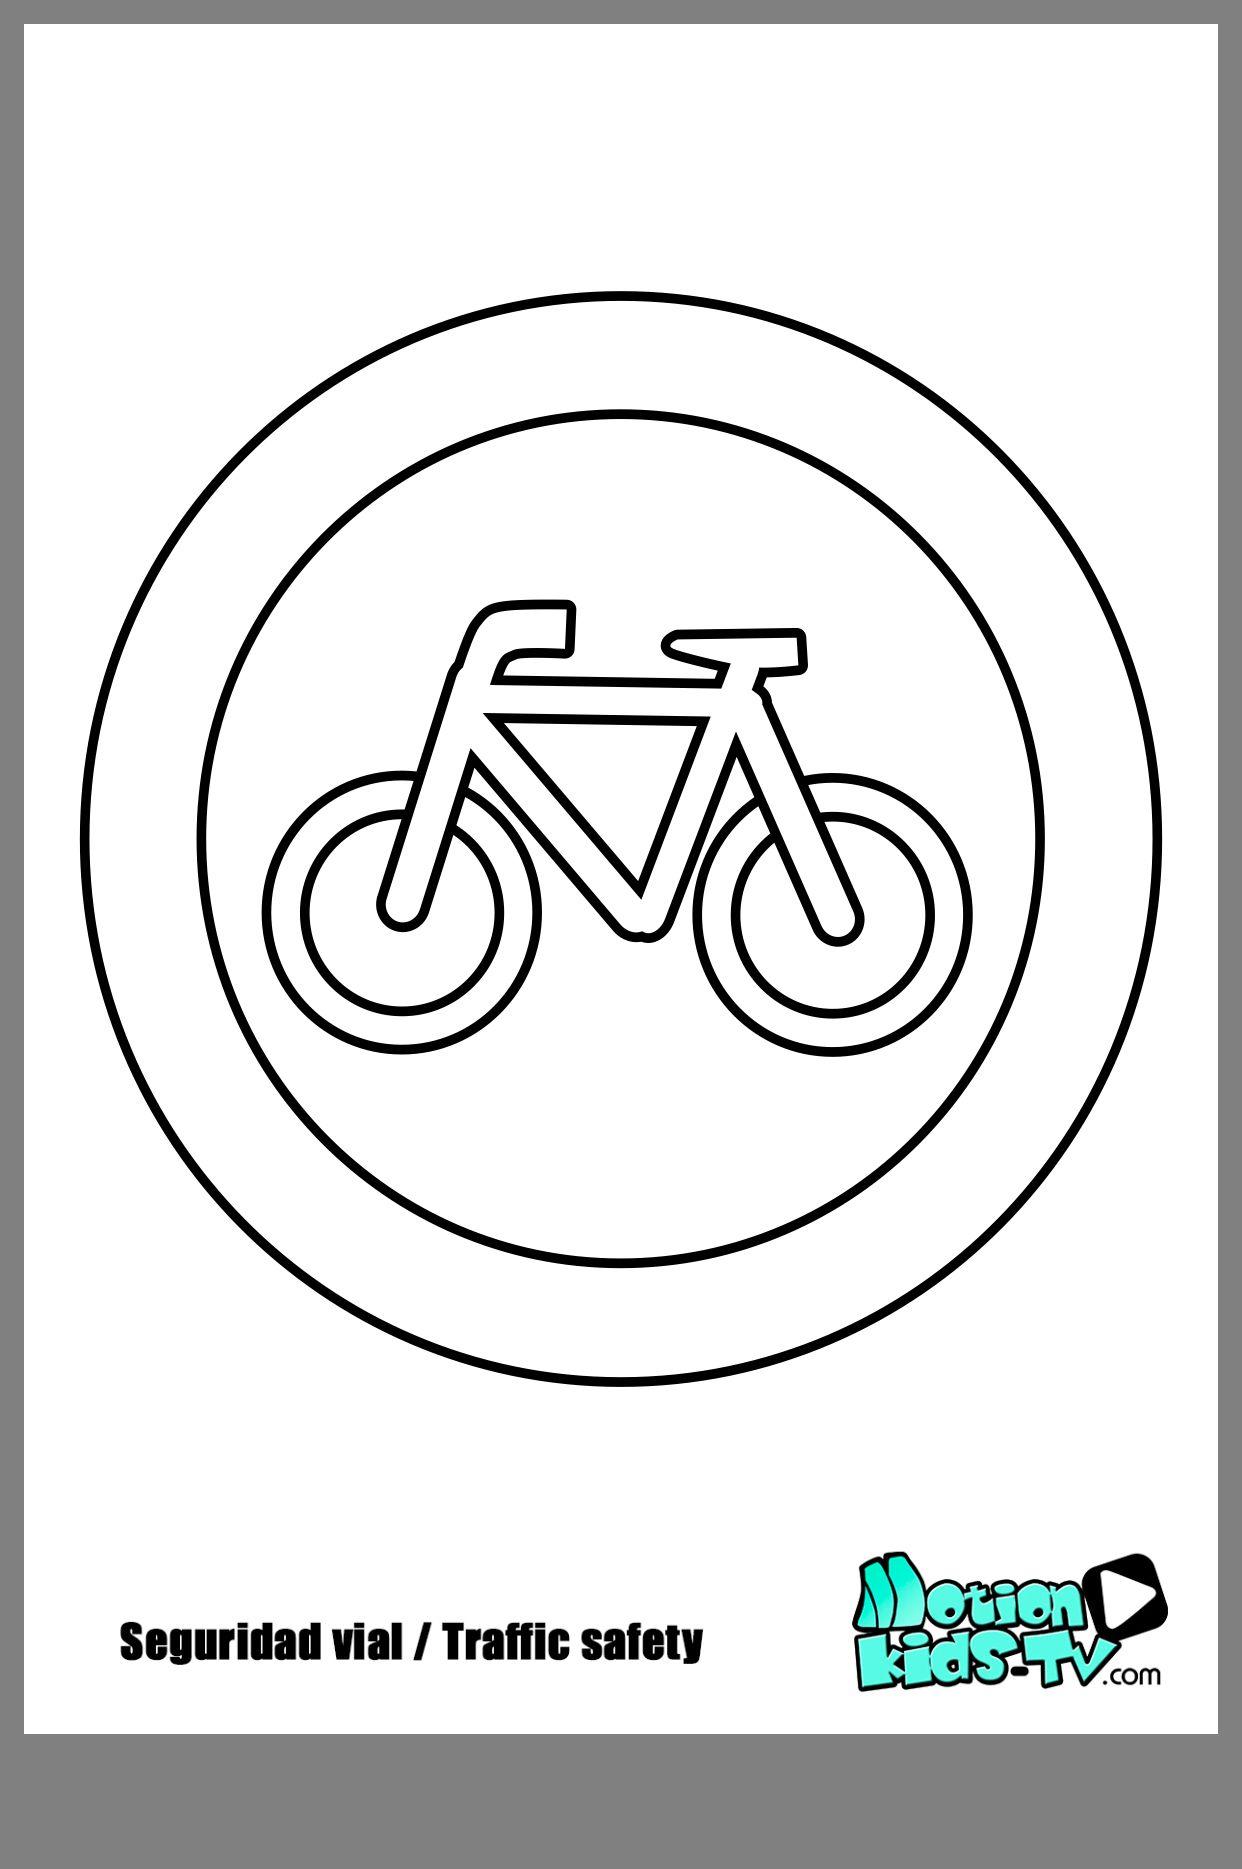 Pin Van Marlon Kalk Op Prometni Znaki Vervoer Thema Vervoer Activiteiten